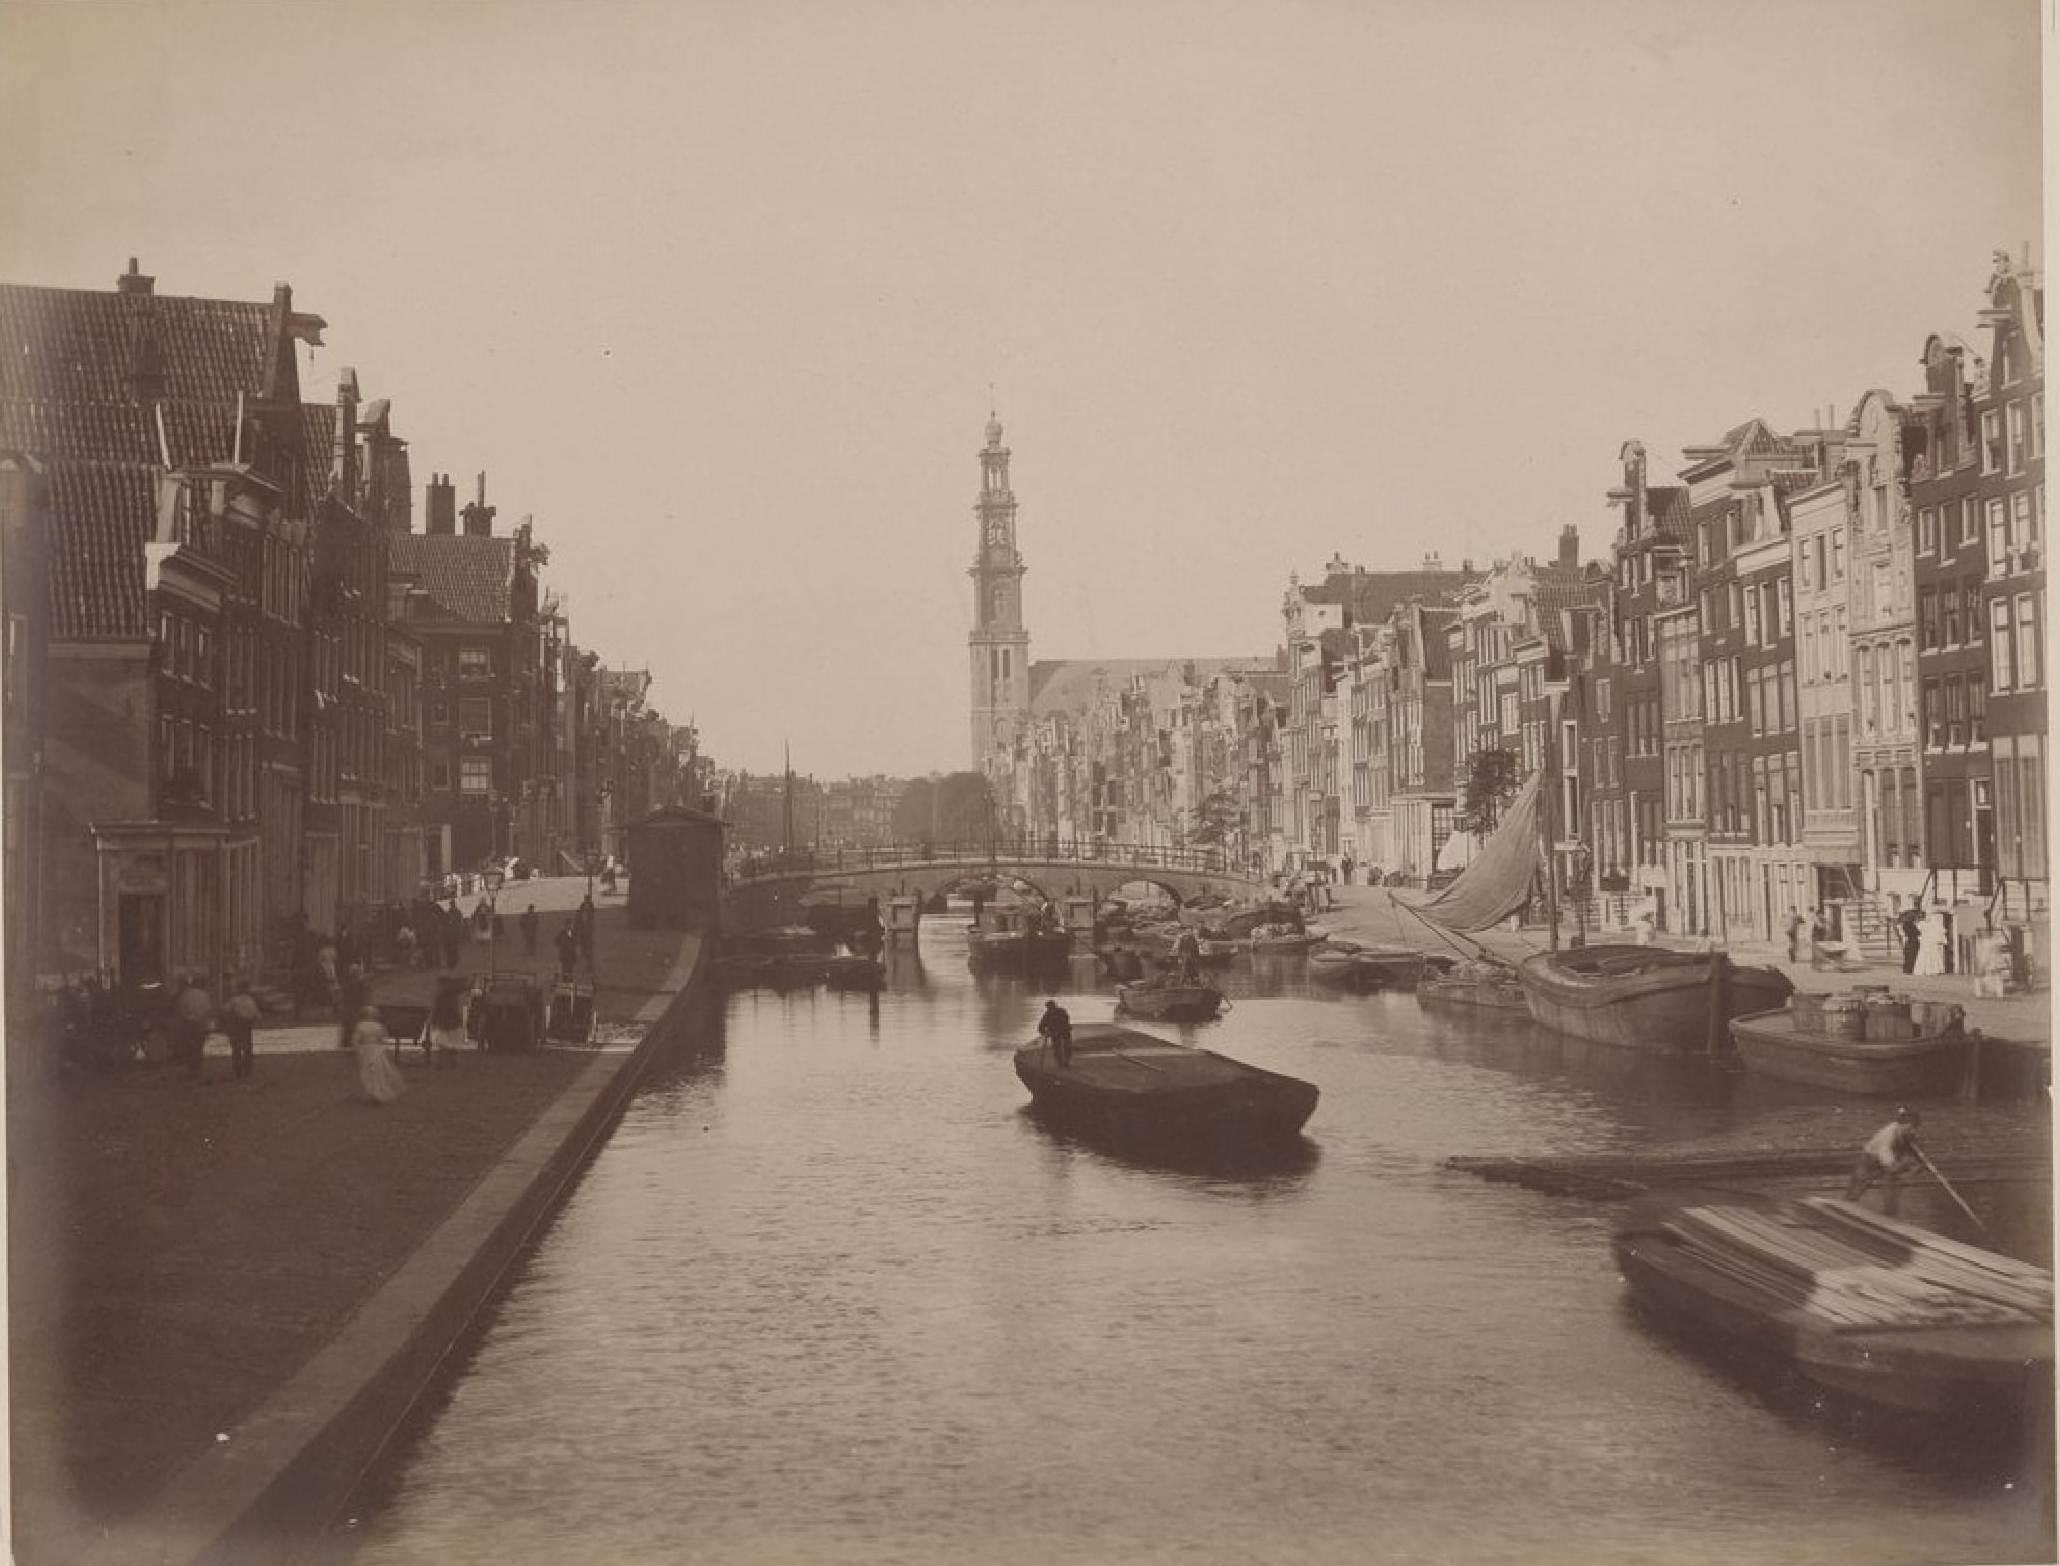 Амстердам. Канал Принсенграхт, 15 мая 1888